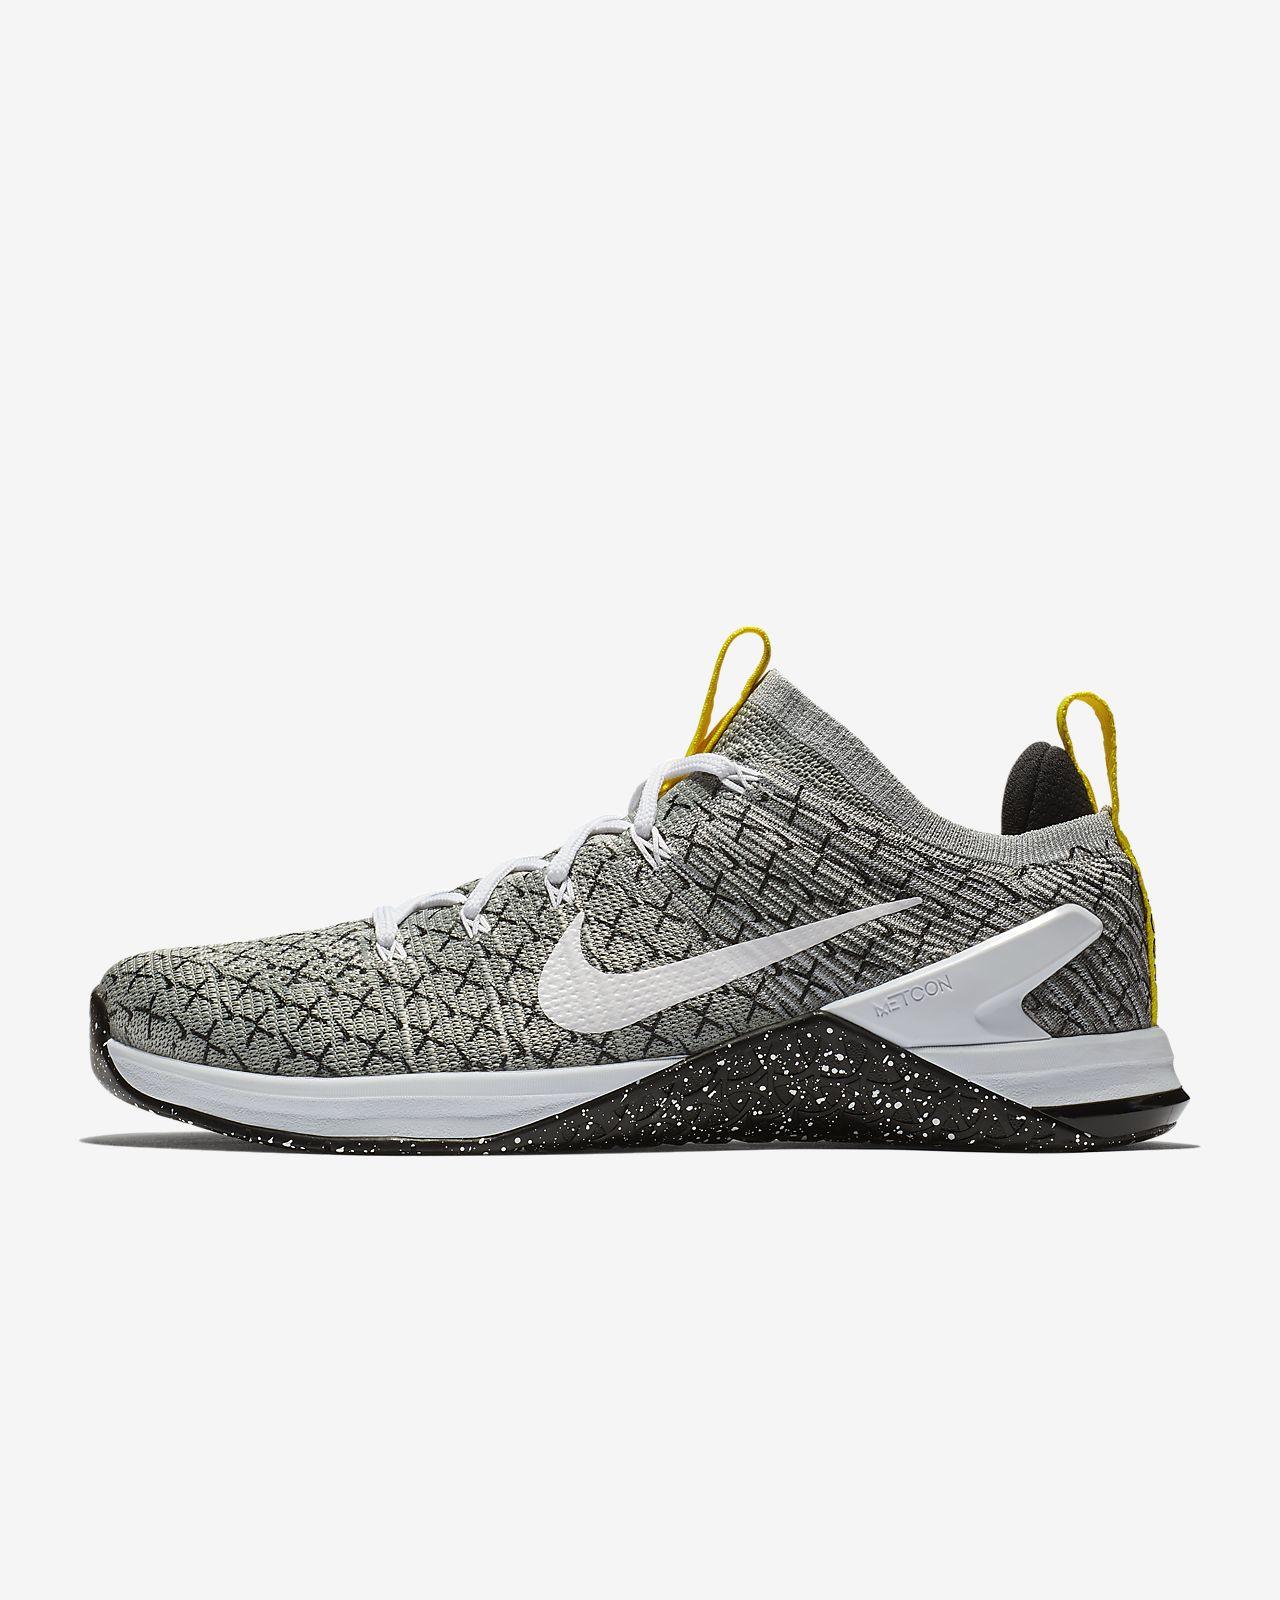 huge discount f9871 75ddc Metcon Dsx Sport La Pour Nike Matchs Les De Et Salle Chaussure TC7wqzF